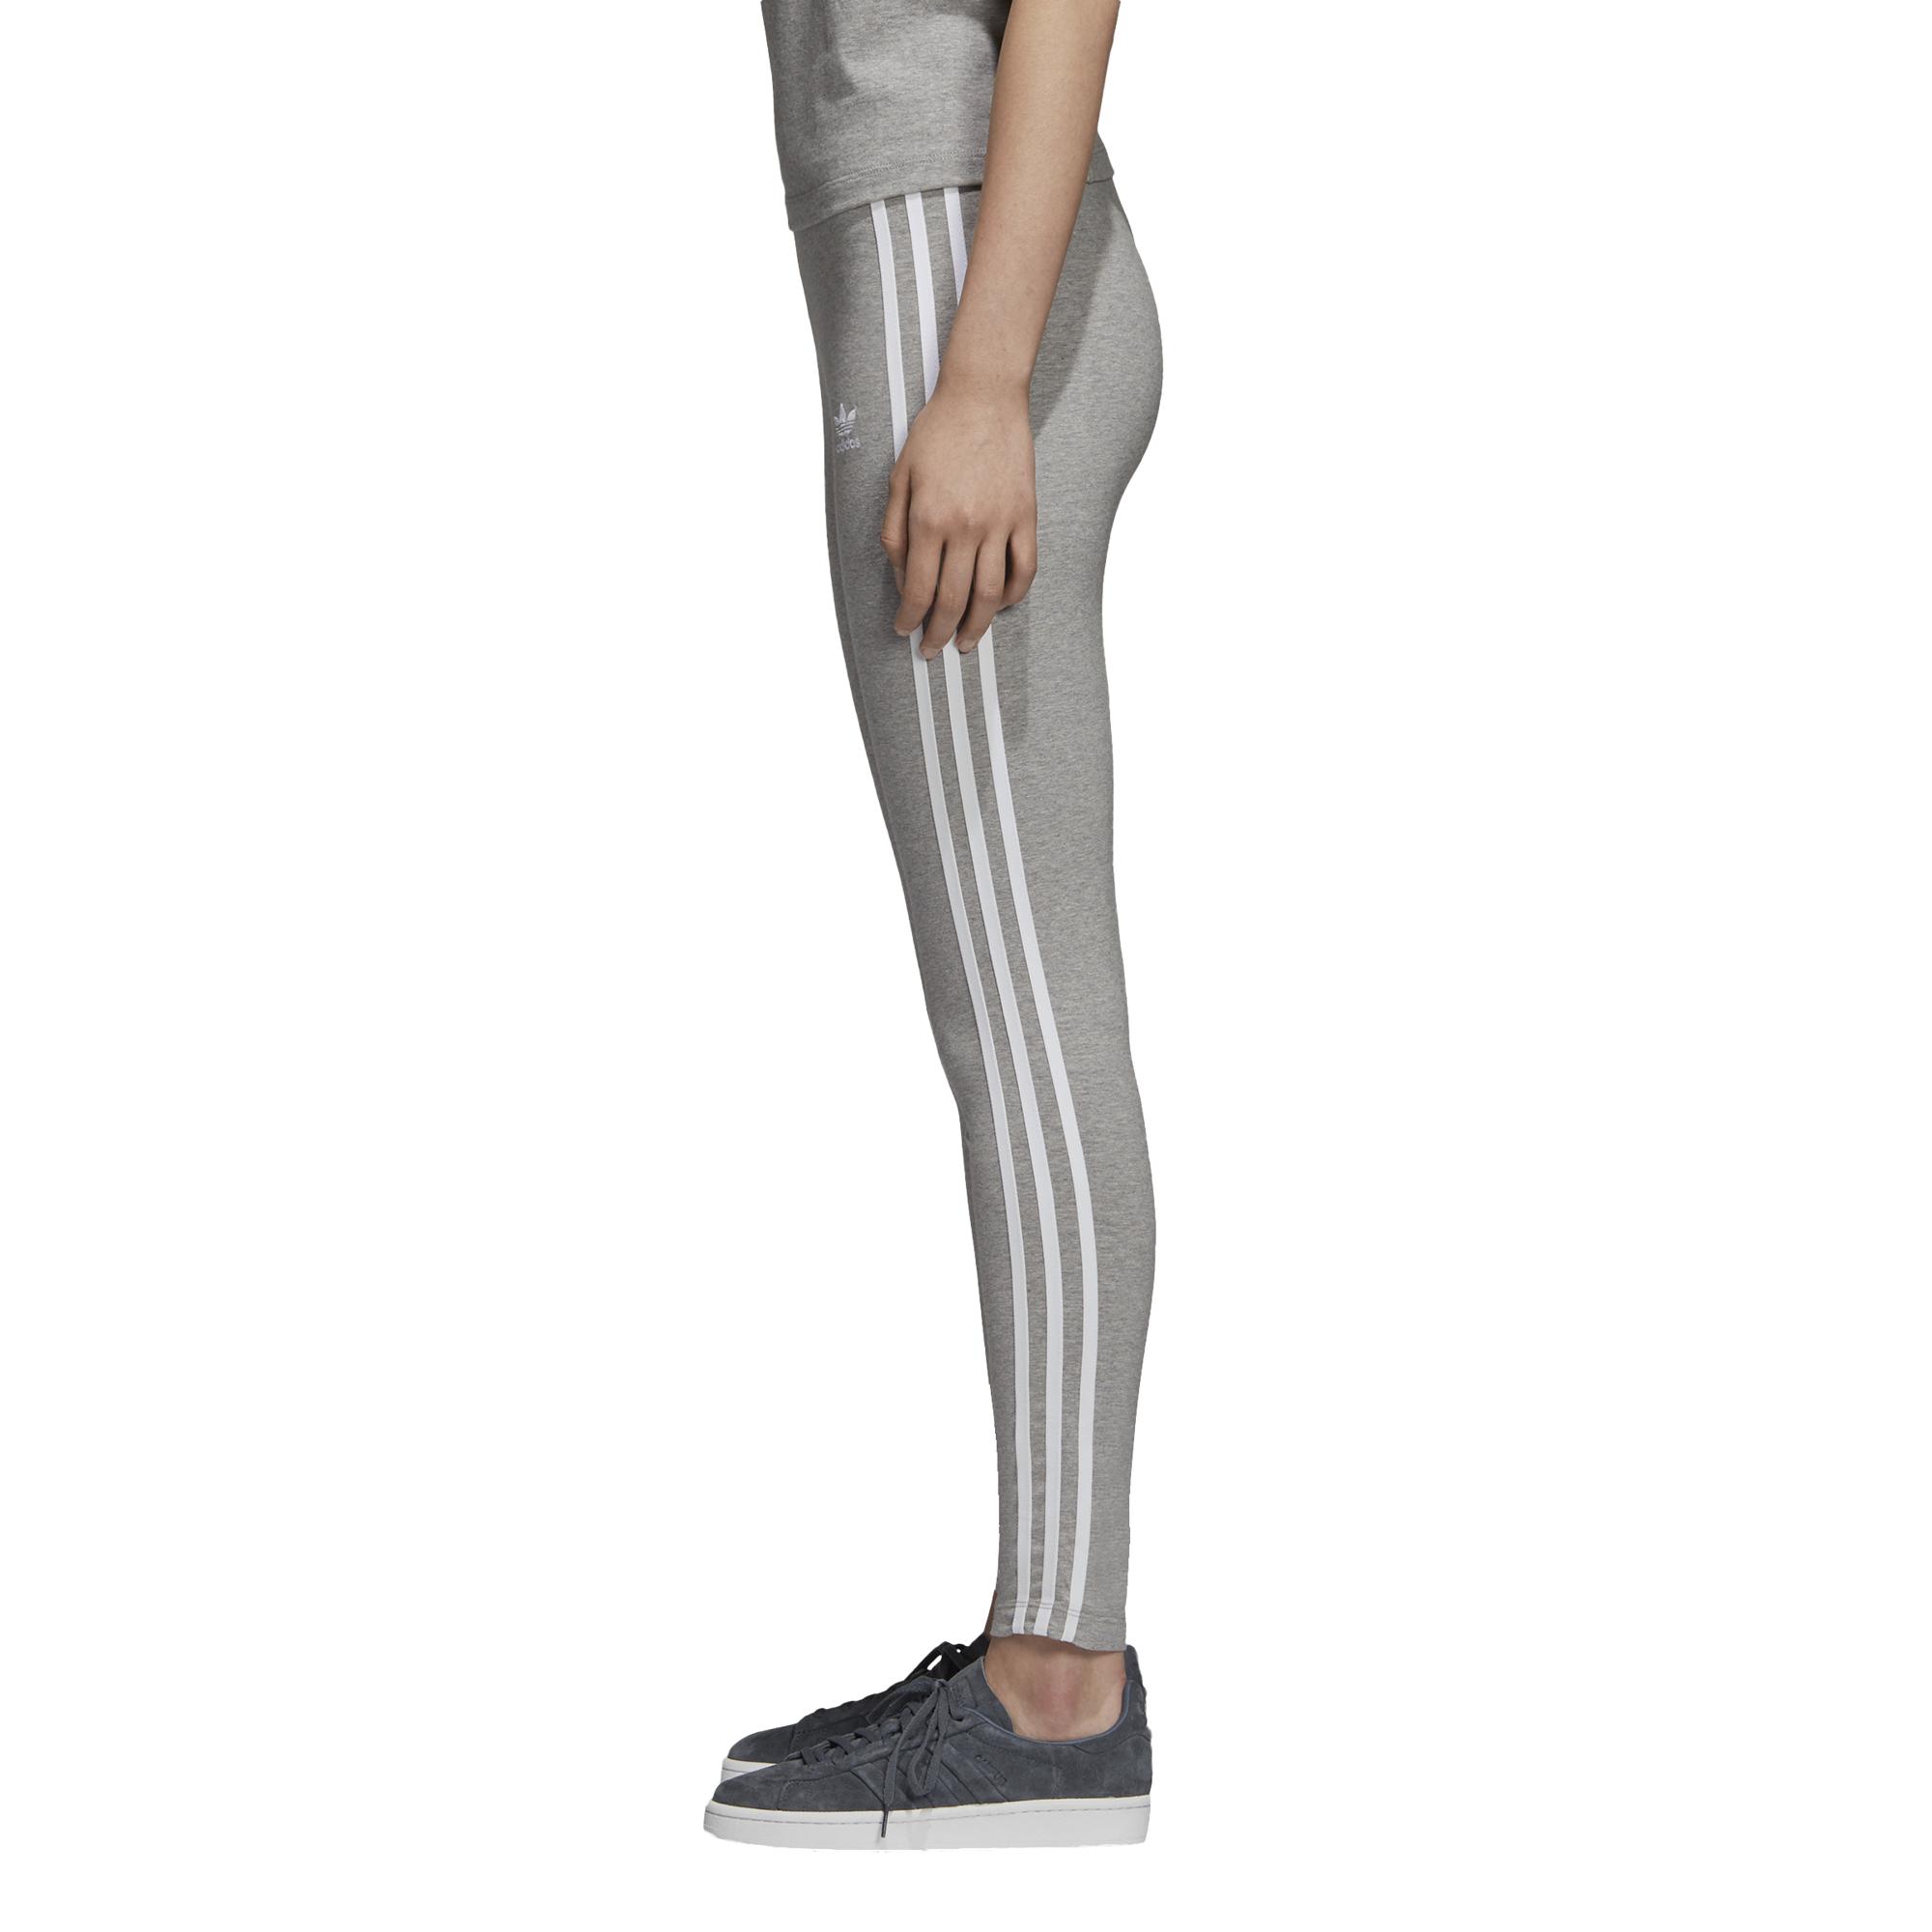 d6374a3a934 legginsy adidas 3-Stripes CY4761    timsport.pl - darmowa dostawa ...